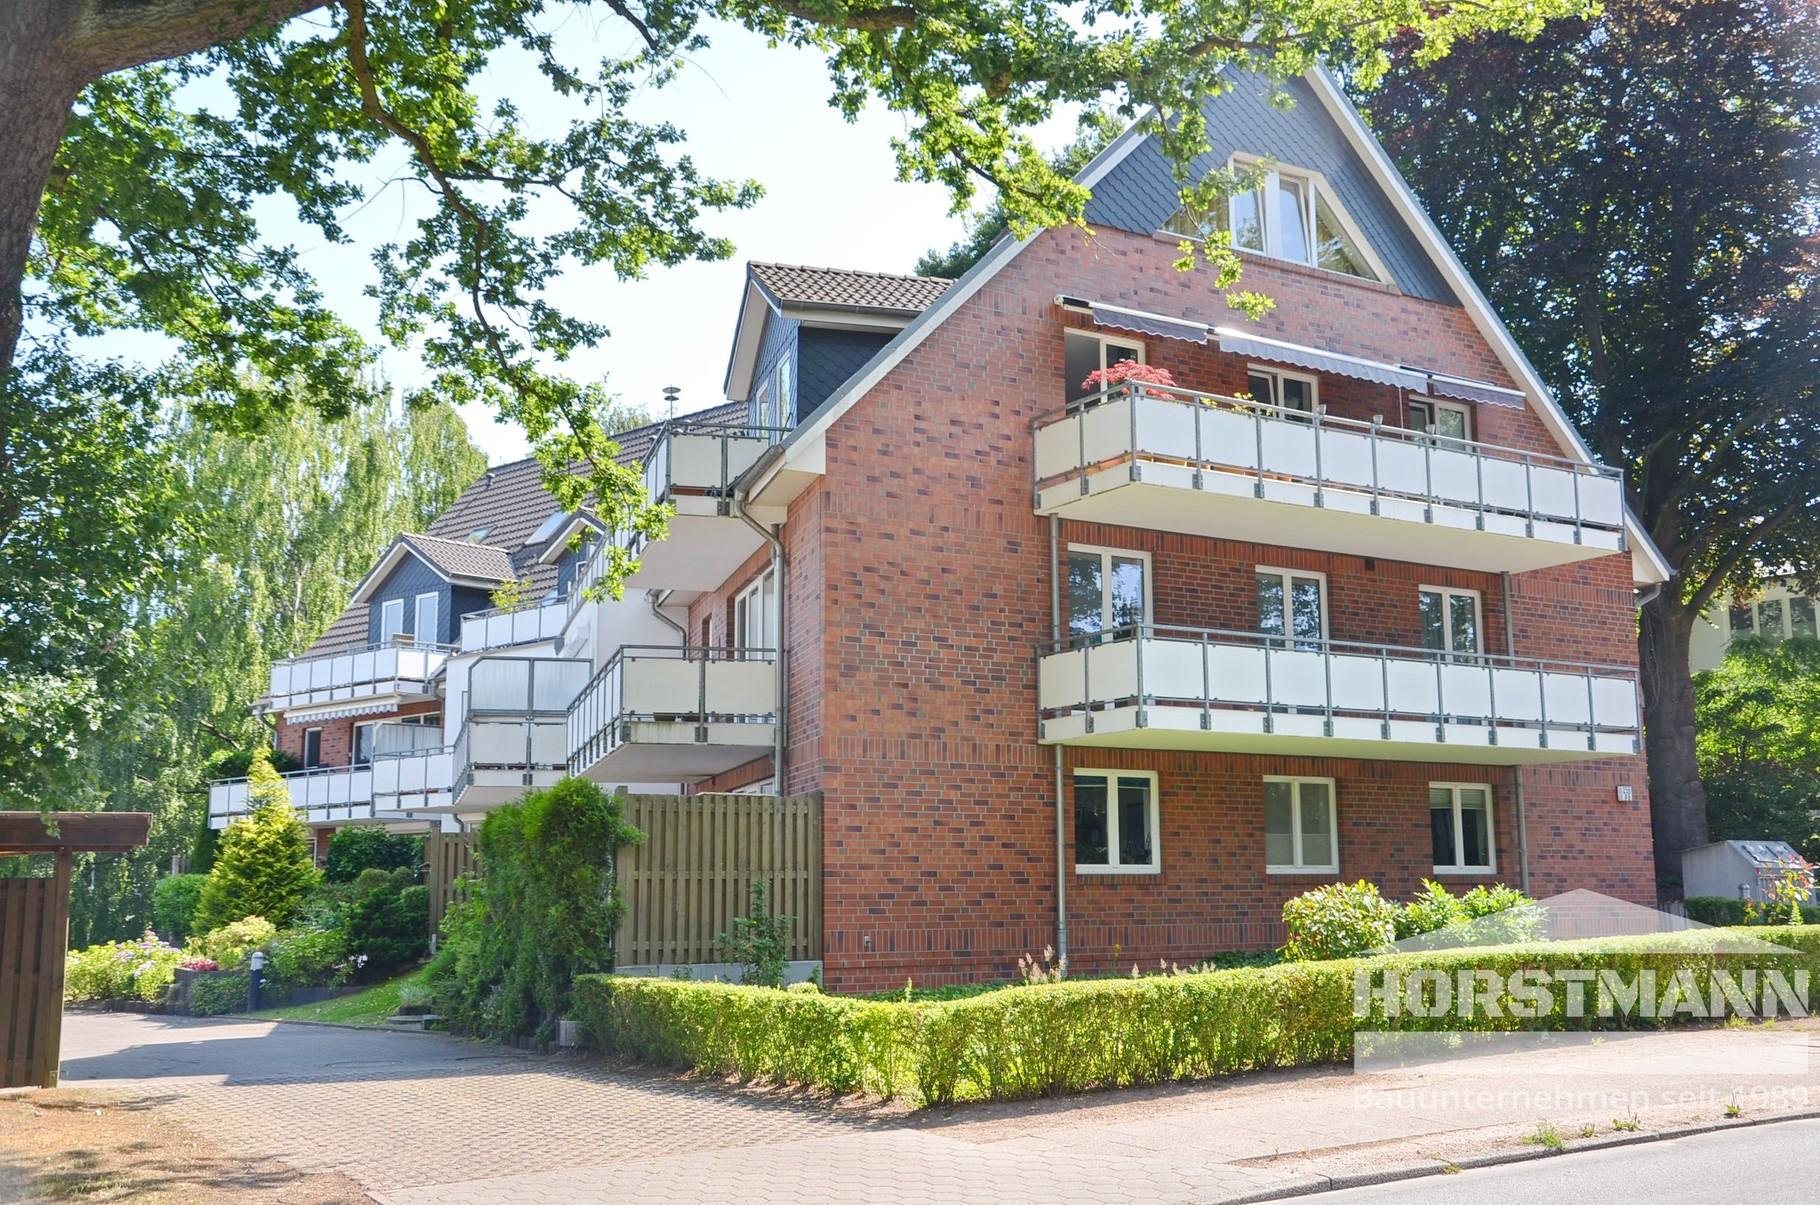 Mehrfamilienhaus - Hamburg-Rissen - Baujahr 2003 - 12 Wohneinheiten